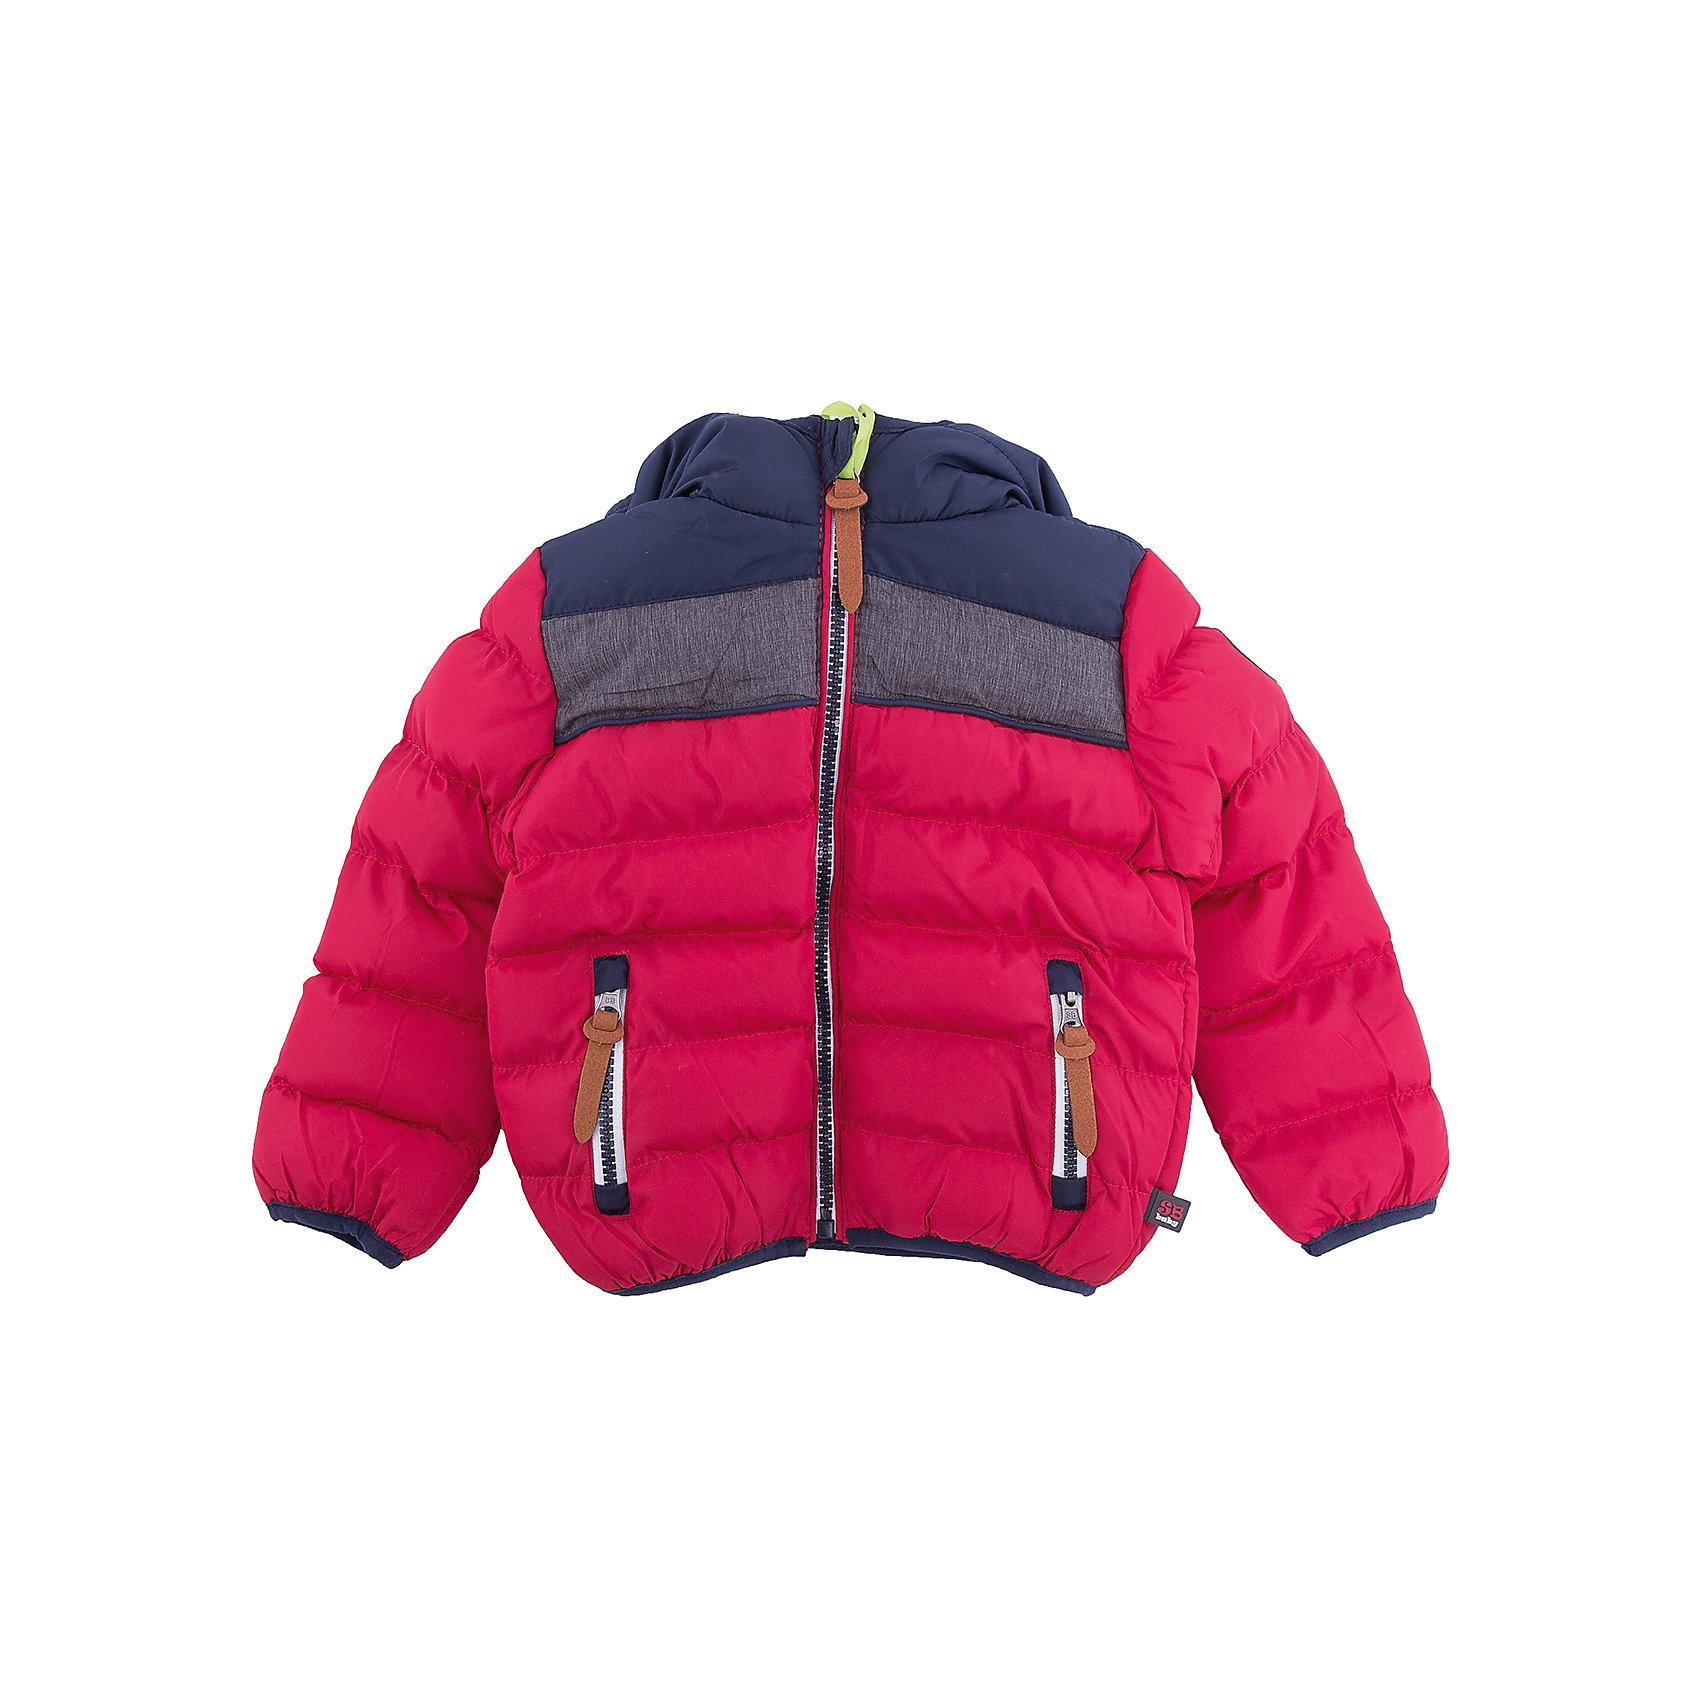 Куртка Sweet Berry для мальчикаВерхняя одежда<br>Куртка Sweet Berry для мальчика<br>Утепленная стеганная куртка выполнена из трех контрастных цветов. Несъемный капюшон.  Два прорезных кармана застегивающиеся на молнию. Флисовая подкладка.  Капюшон, рукава и низ изделия оформлены контрастной окантовочной резинкой. Куртка застегивается на молнию.<br>Состав:<br>Верх: 100% полиэстер Подкладка: 100% полиэстер Наполнитель 100% полиэстер<br><br>Ширина мм: 356<br>Глубина мм: 10<br>Высота мм: 245<br>Вес г: 519<br>Цвет: бордовый<br>Возраст от месяцев: 12<br>Возраст до месяцев: 15<br>Пол: Мужской<br>Возраст: Детский<br>Размер: 80,98,92,86<br>SKU: 7095554